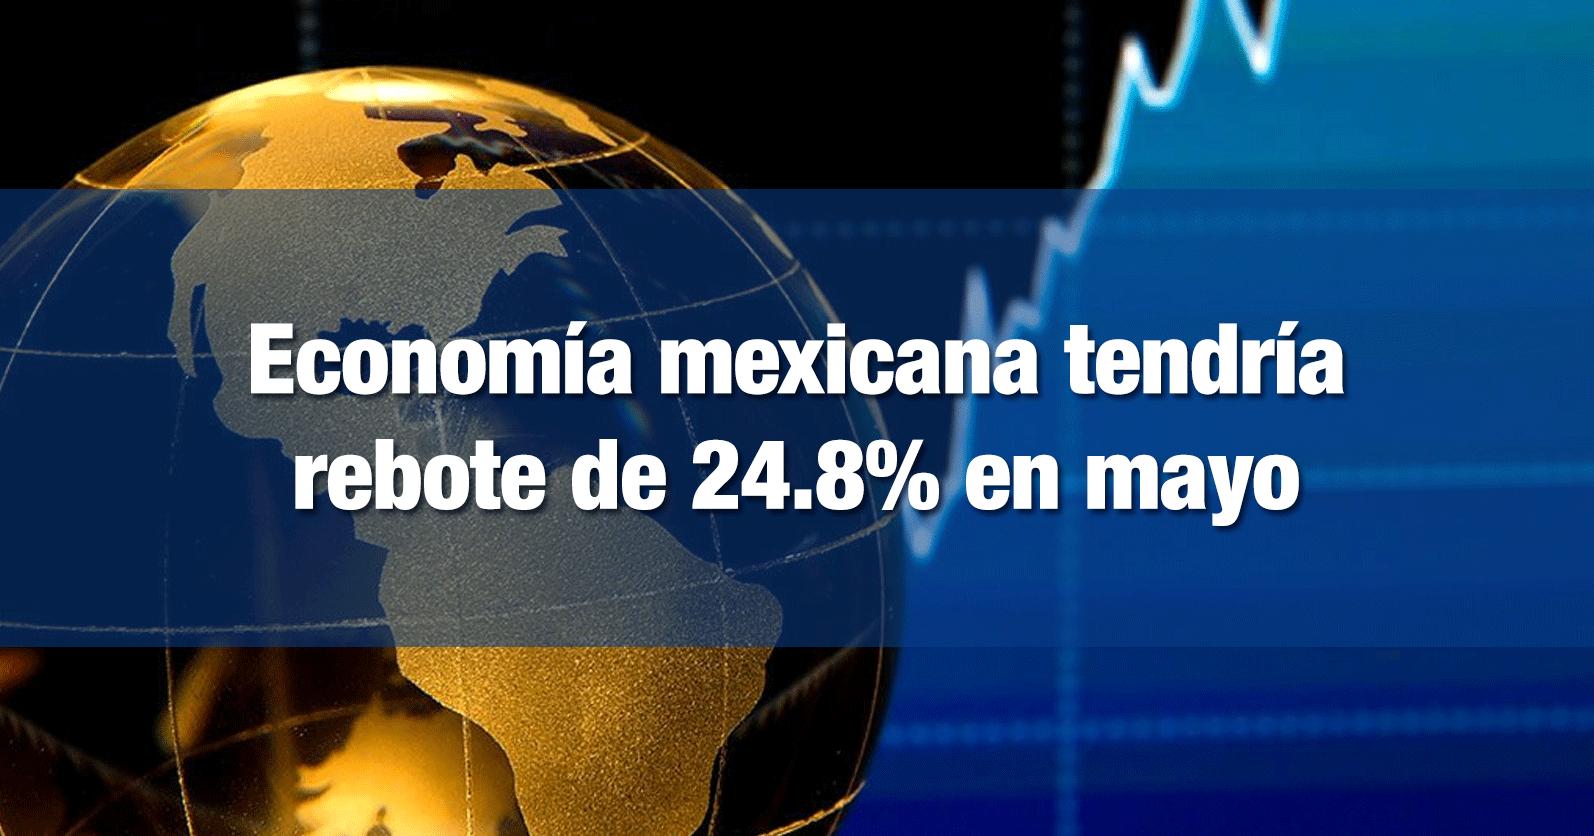 Economía mexicana tendría rebote de 24.8% en mayo